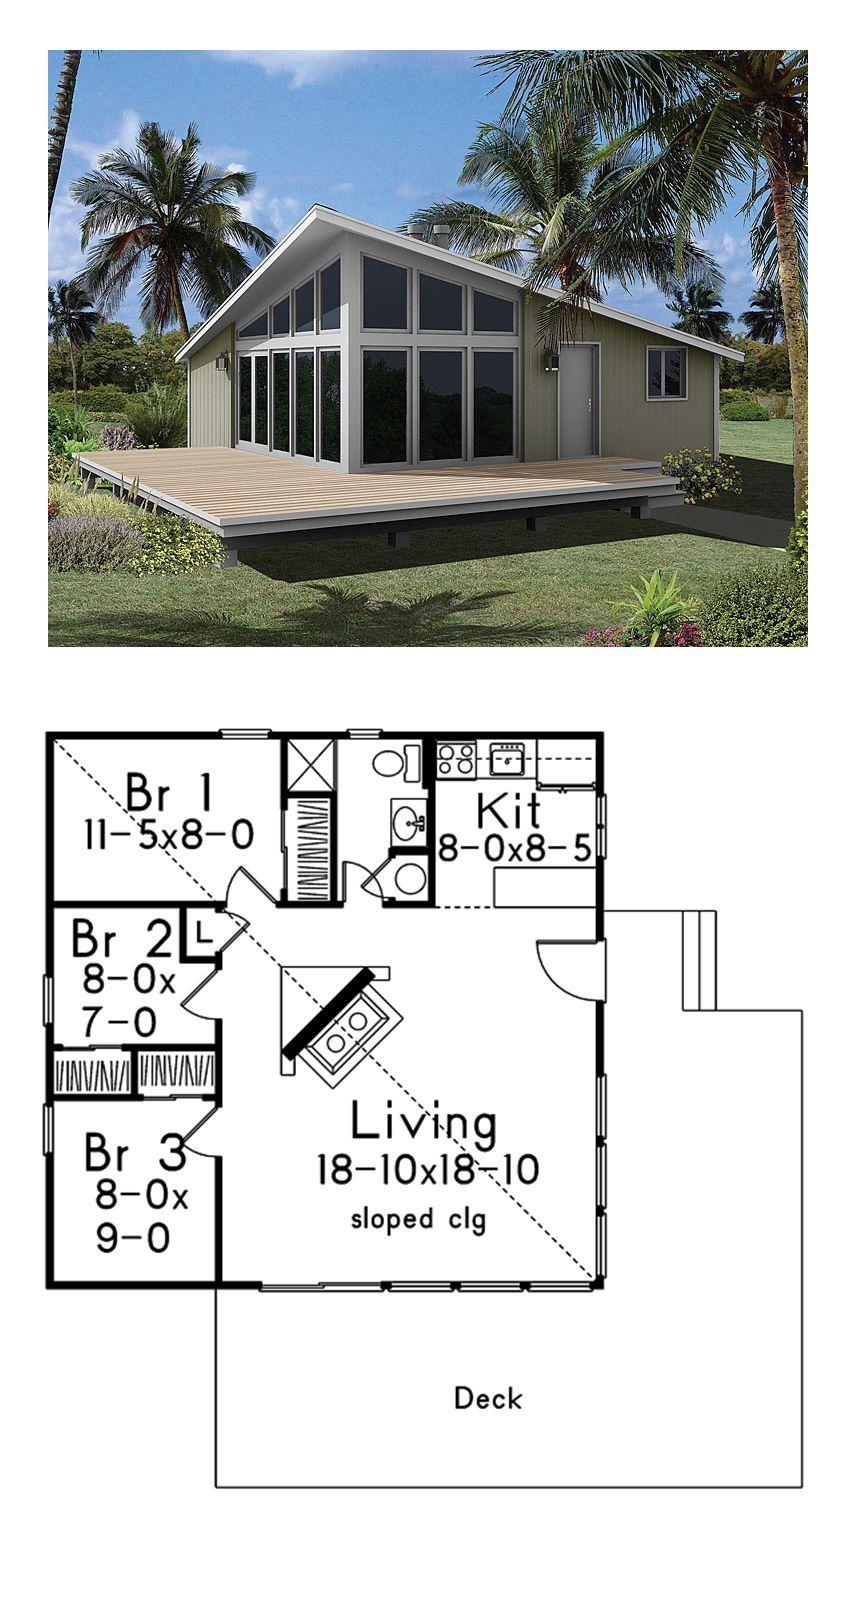 19 Fearsome Southern Coastal Home Ideas Coastal Cottage Coastal House Plans House Plans